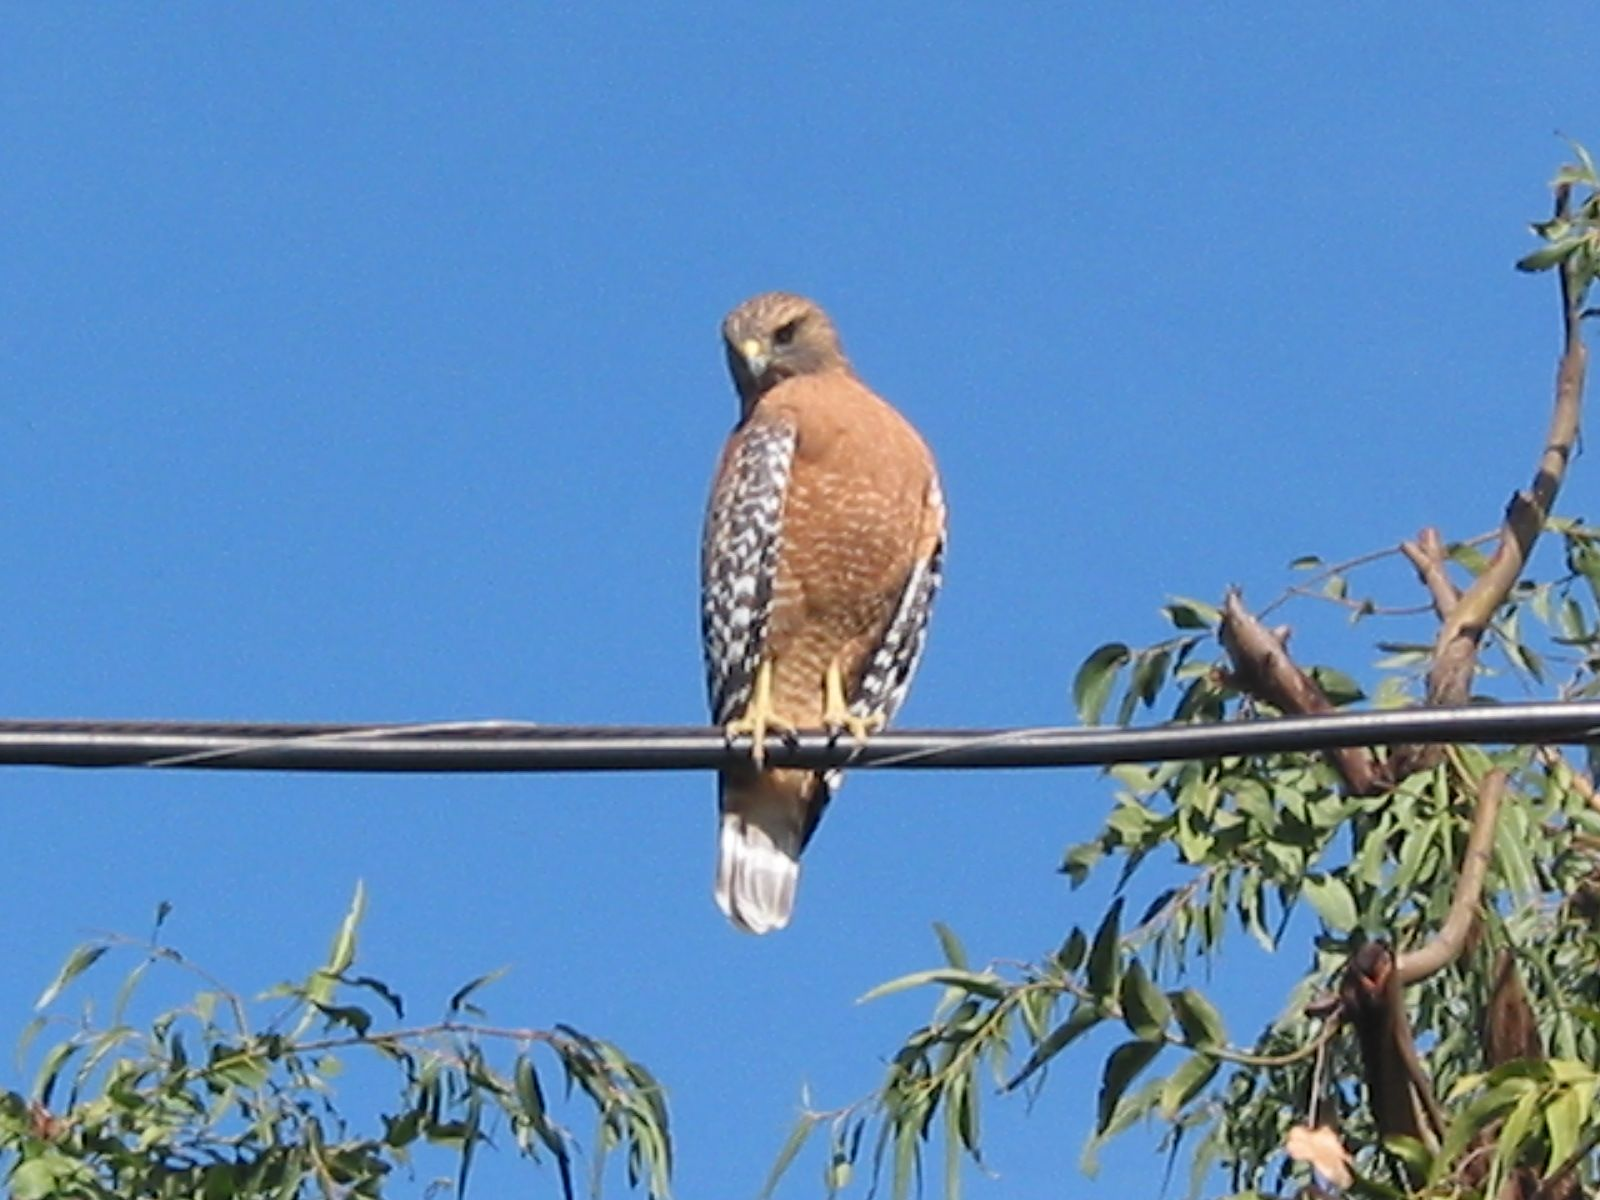 Hawk in Bel AIr Los angeles area, Bel air, Animals